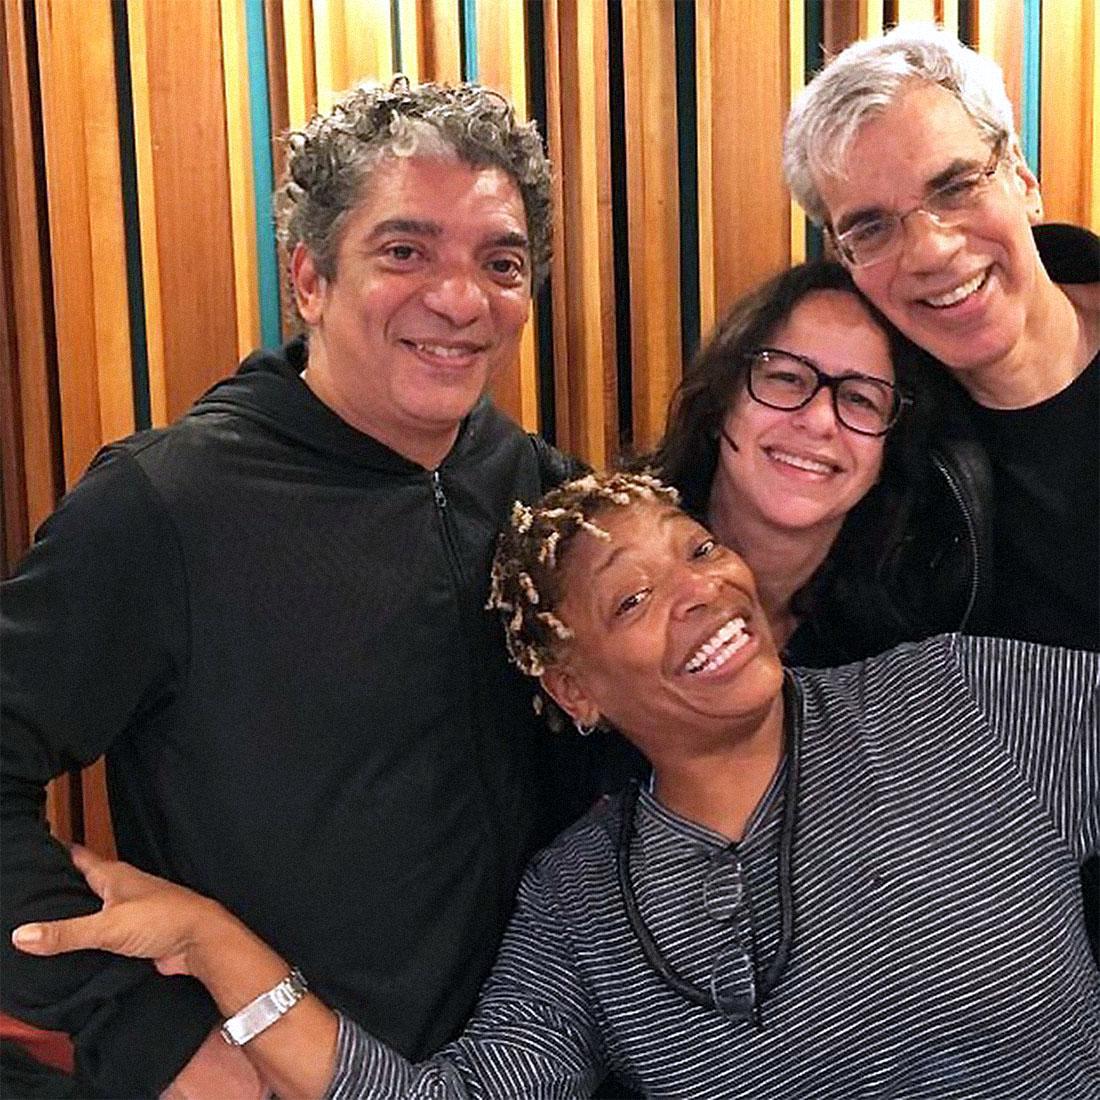 Mart'nália with Arthur Maia, Maria de Moraes and Celso Fonseca